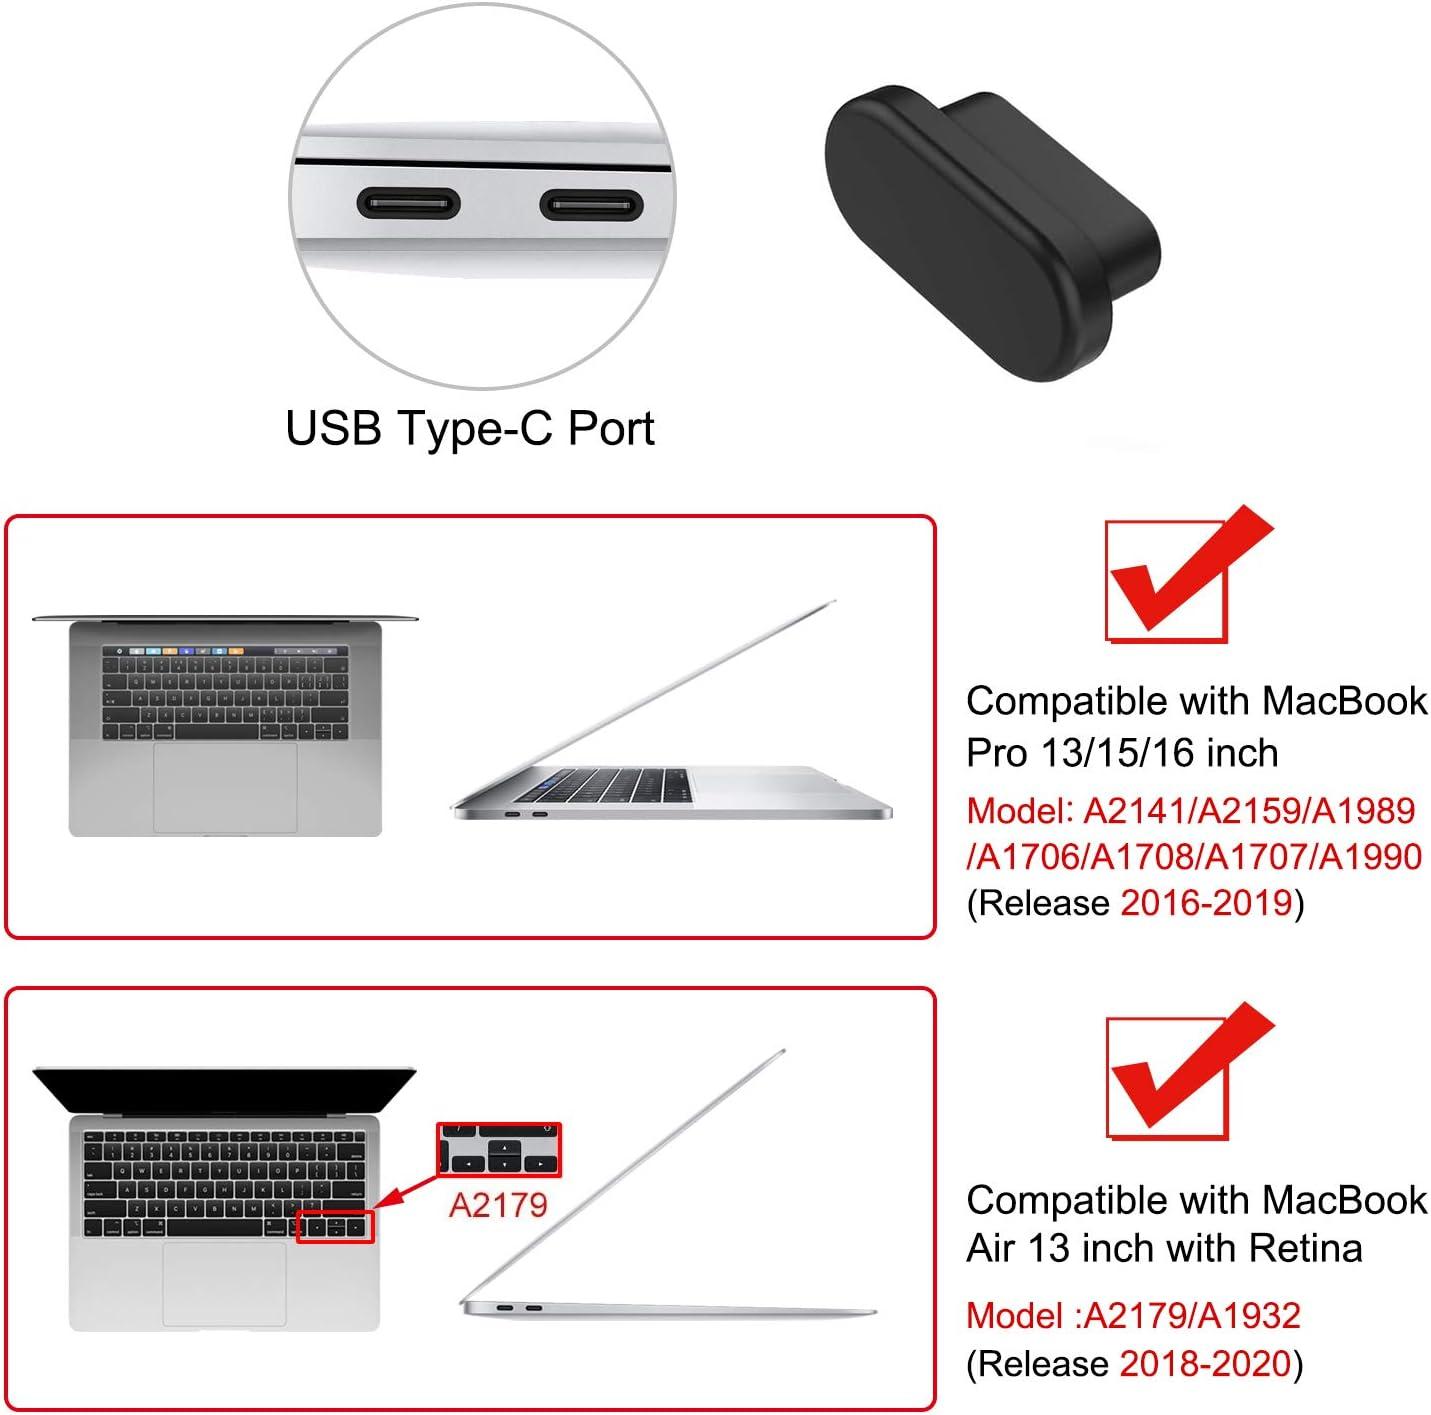 Silicone Port Bouchon Couvercles de D/époussi/éreurs Noir MOSISO 5 Pcs Anti Poussi/ère Salet/é Bouchon Compatible avec MacBook Pro 16 Pouces A2141 MacBook Air 13 Pouces A1932 MacBook Pro 13//15 Pouces